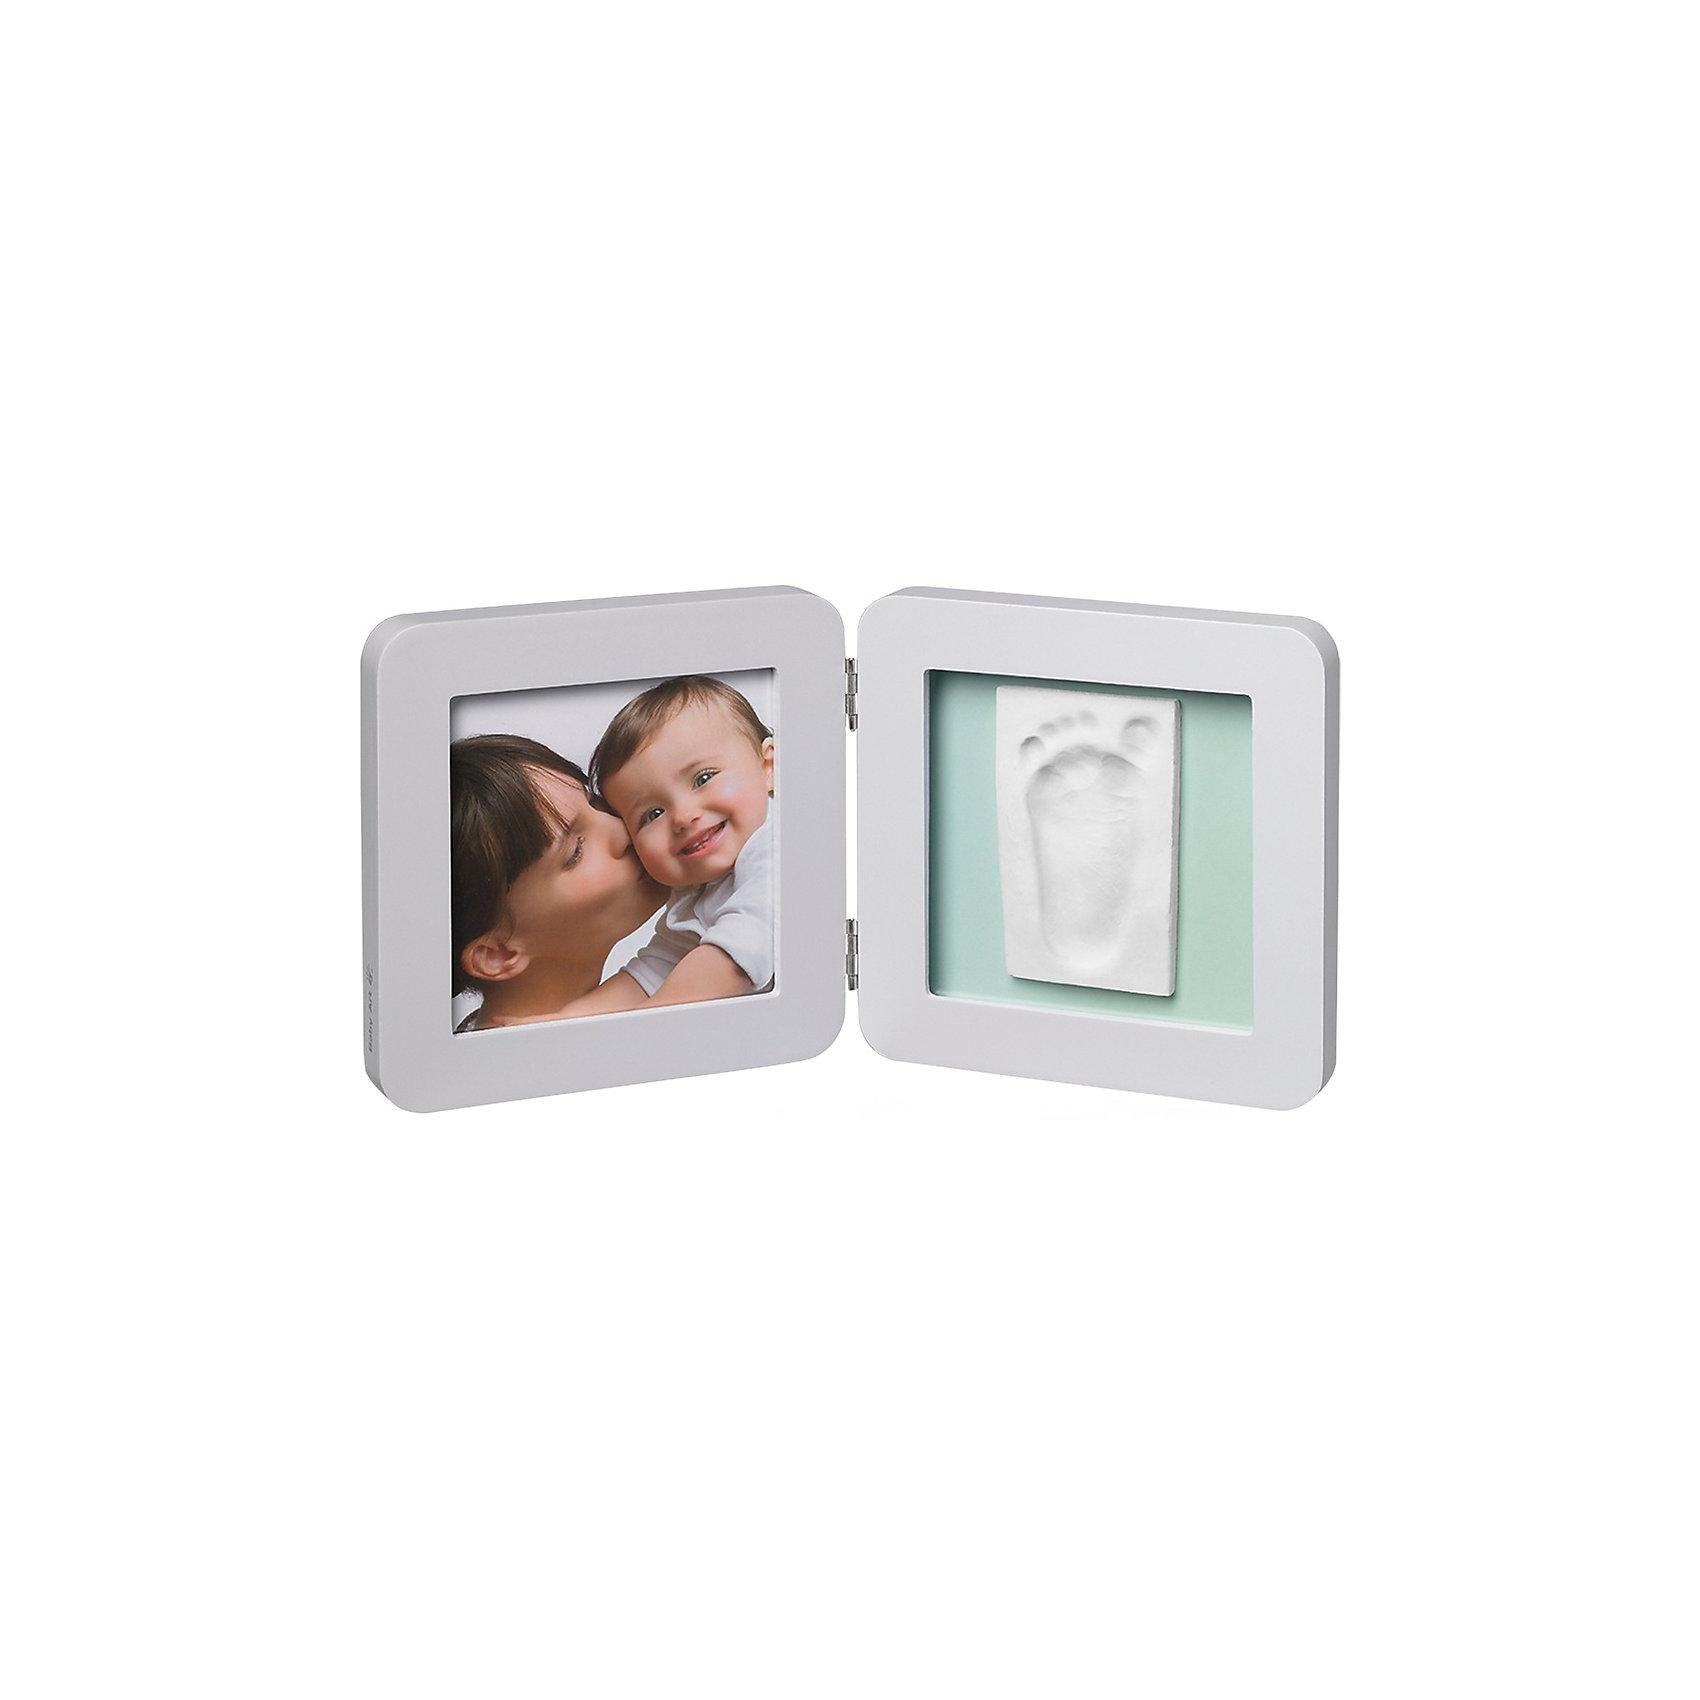 Фоторамка двойная, Baby Art, светло-серая, подложка голубая/бирюзовая/сераяПредметы интерьера<br>Сувенирная продукция Baby Art (Бейби Арт) – это возможность оставить «след» малыша в истории вашей семьи. Отпечаток ручки или ножки помещается в рамку, рядом ставится фотография малыша – фоторамка «Print Frame» готова. <br>Процесс создания слепка:<br>• материал надо размять руками и раскатать скалкой;<br>• оставить отпечаток ручки и ножки малыша;<br>• выровнять края основы ножом (лучше под линейку);<br>• дать гипсу высохнуть;<br>• используя двустороннюю клейкую ленту, приклеить слепок к рамке;<br>• вставить в рамку фотографию малыша.<br><br>Дополнительная информация:<br><br>Размер одной створки: 17х17х1,7 см<br>Комплектация набора:<br>• двойная фоторамка – для фотографии и отпечатков ручки или ножки;<br>• гипсовый слепок;<br>• скалка;<br>• двусторонняя липкая лента;<br>• инструкция. <br>ВНИМАНИЕ! Данный артикул имеется в наличии в разных цветовых исполнениях (голубая/бирюзовая/серая подложка). К сожалению, заранее выбрать определенный цвет невозможно. <br>Фоторамку двойную, Baby Art, светло-серую, подложка голубая/бирюзовая/серая можно купить в нашем интернет-магазине.<br><br>Ширина мм: 180<br>Глубина мм: 60<br>Высота мм: 185<br>Вес г: 750<br>Возраст от месяцев: 0<br>Возраст до месяцев: 84<br>Пол: Унисекс<br>Возраст: Детский<br>SKU: 4986116